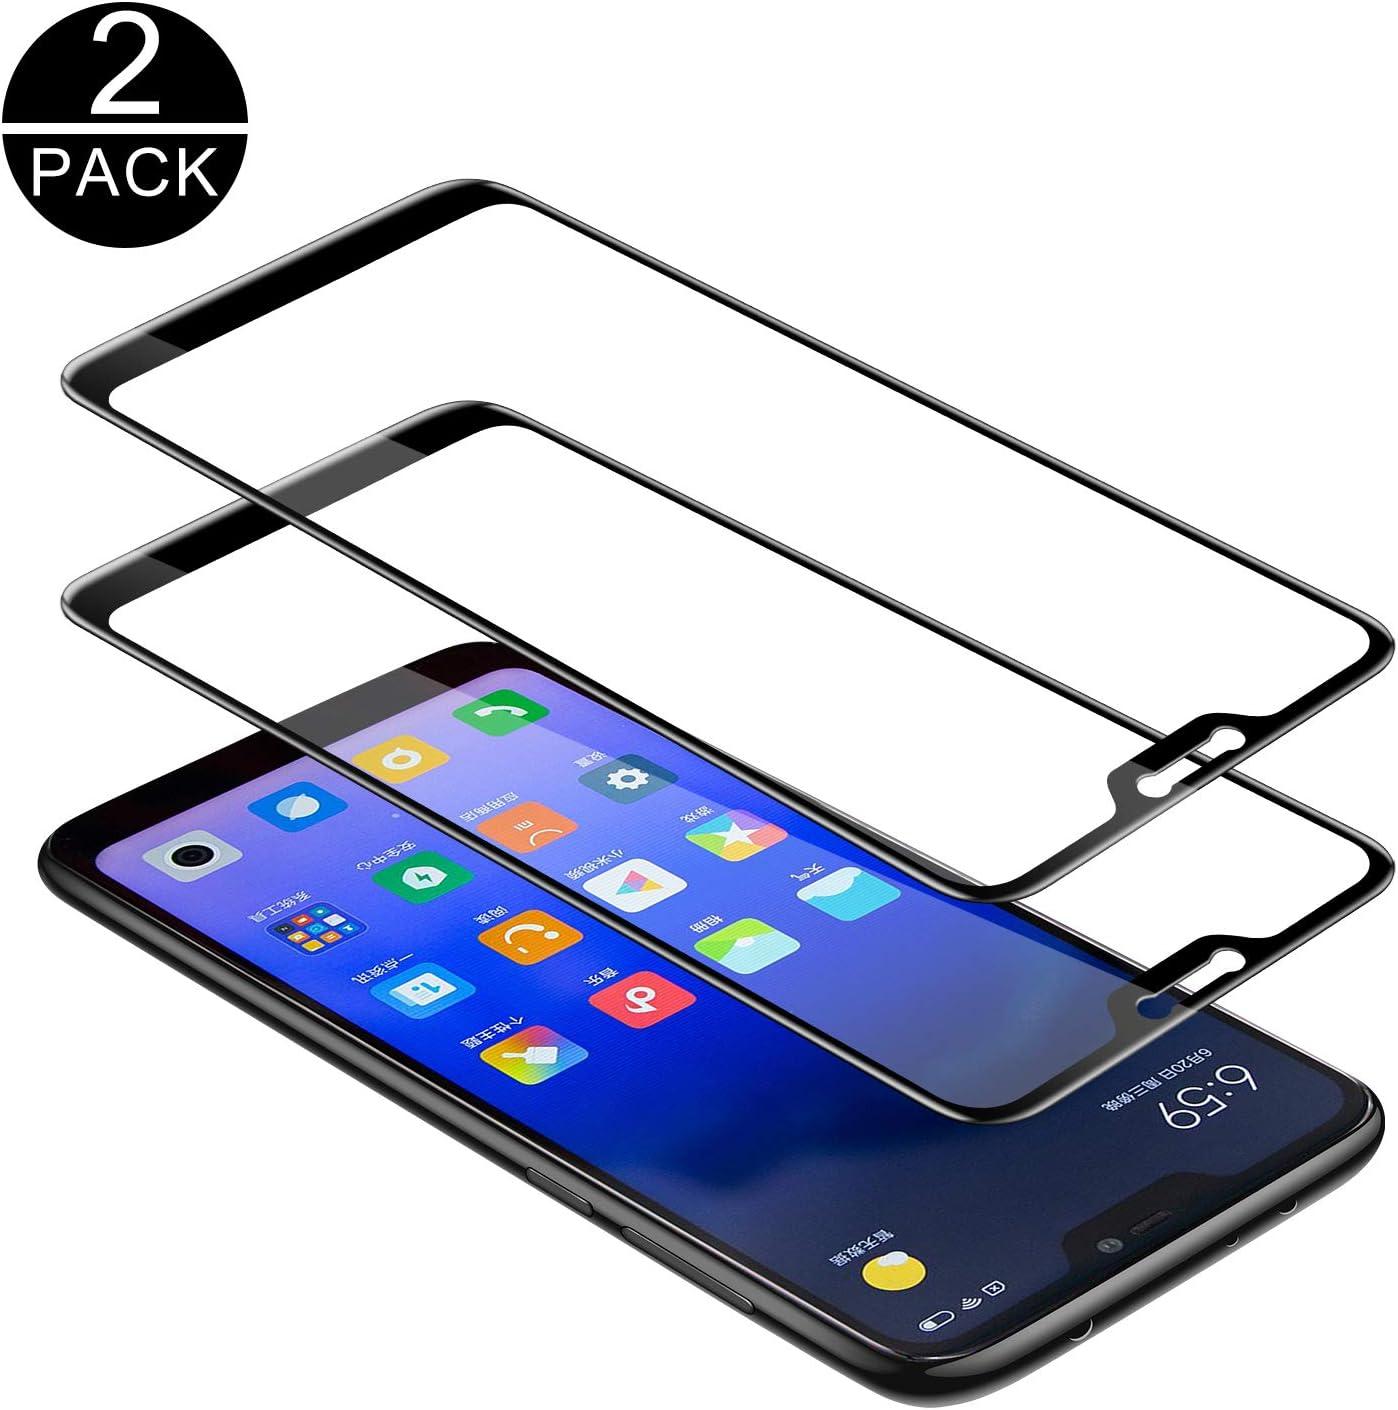 TECHKUN - Protector de pantalla de vidrio templado para Xiaomi Mi A2 Lite, dureza 9H, protector de pantalla ultrafino HD, protector de pantalla completo para Xiaomi Mi A2 Lite, color negro